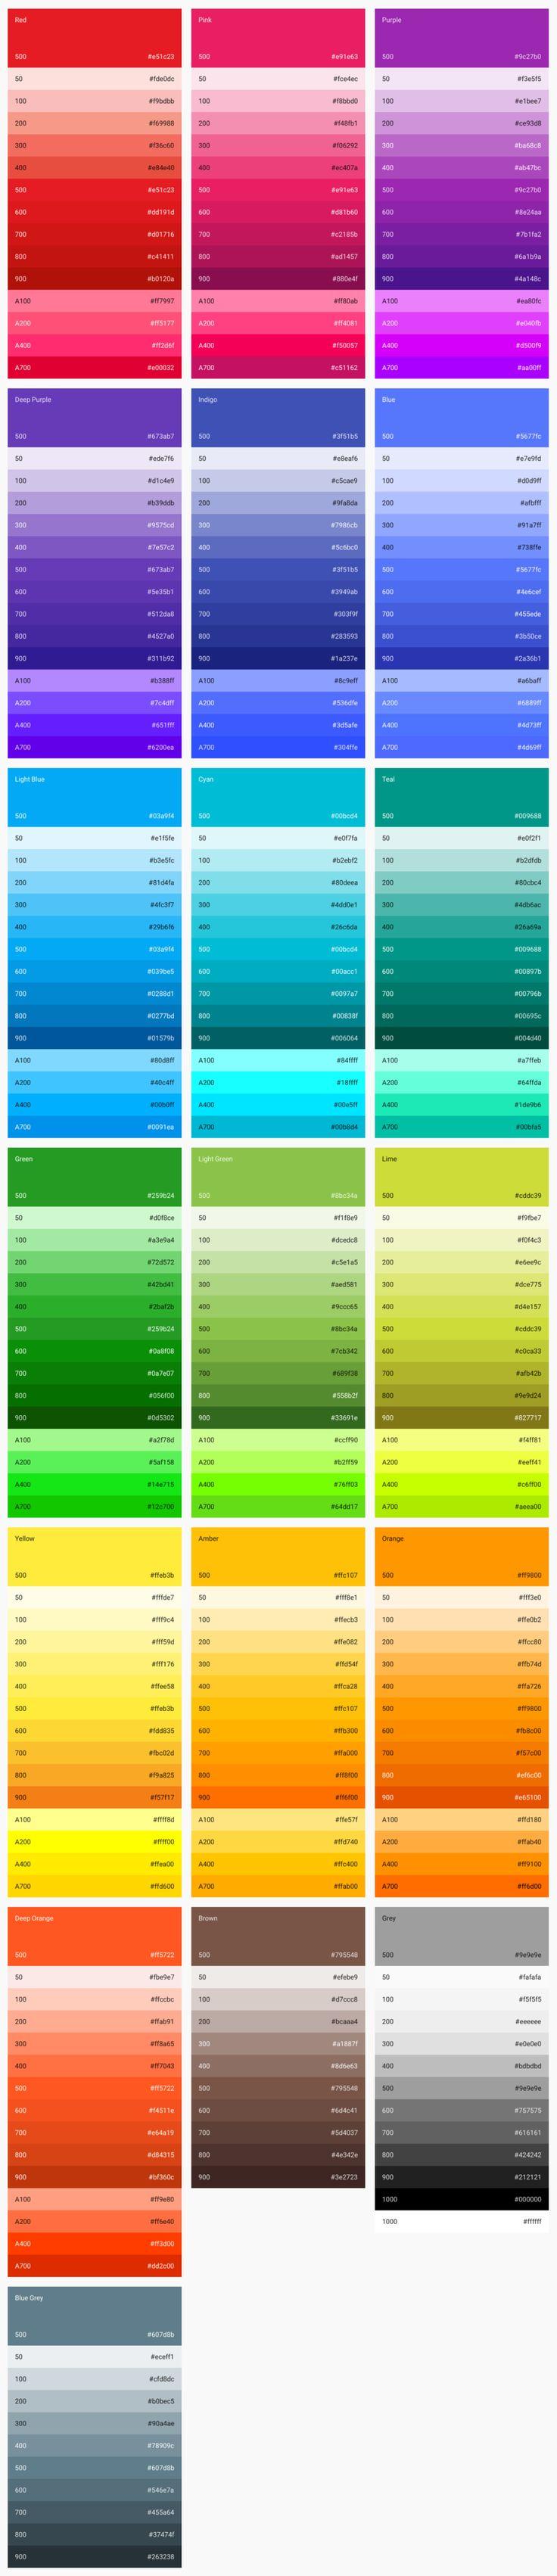 Material Design - ...-UI中国